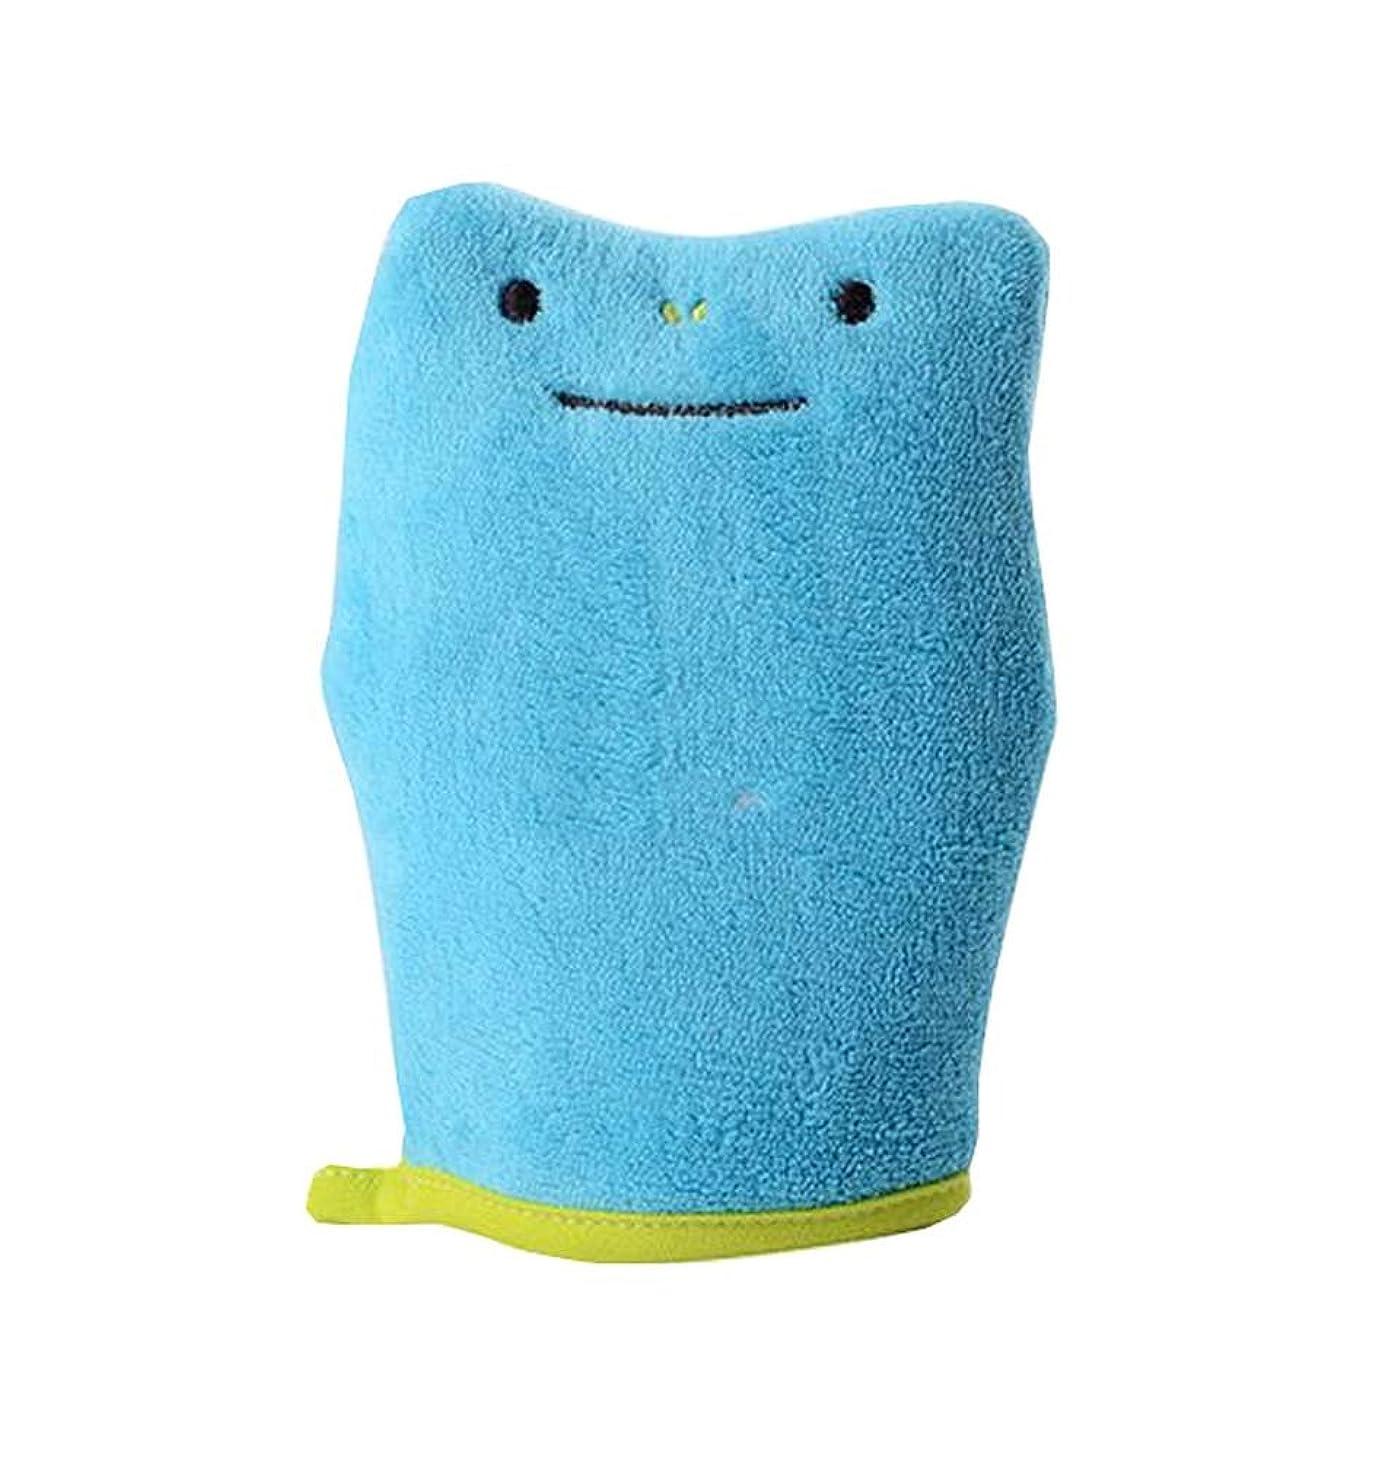 成長球状キャッチバスブラシスポンジバスタオル製品子供バススポンジ、ブルー